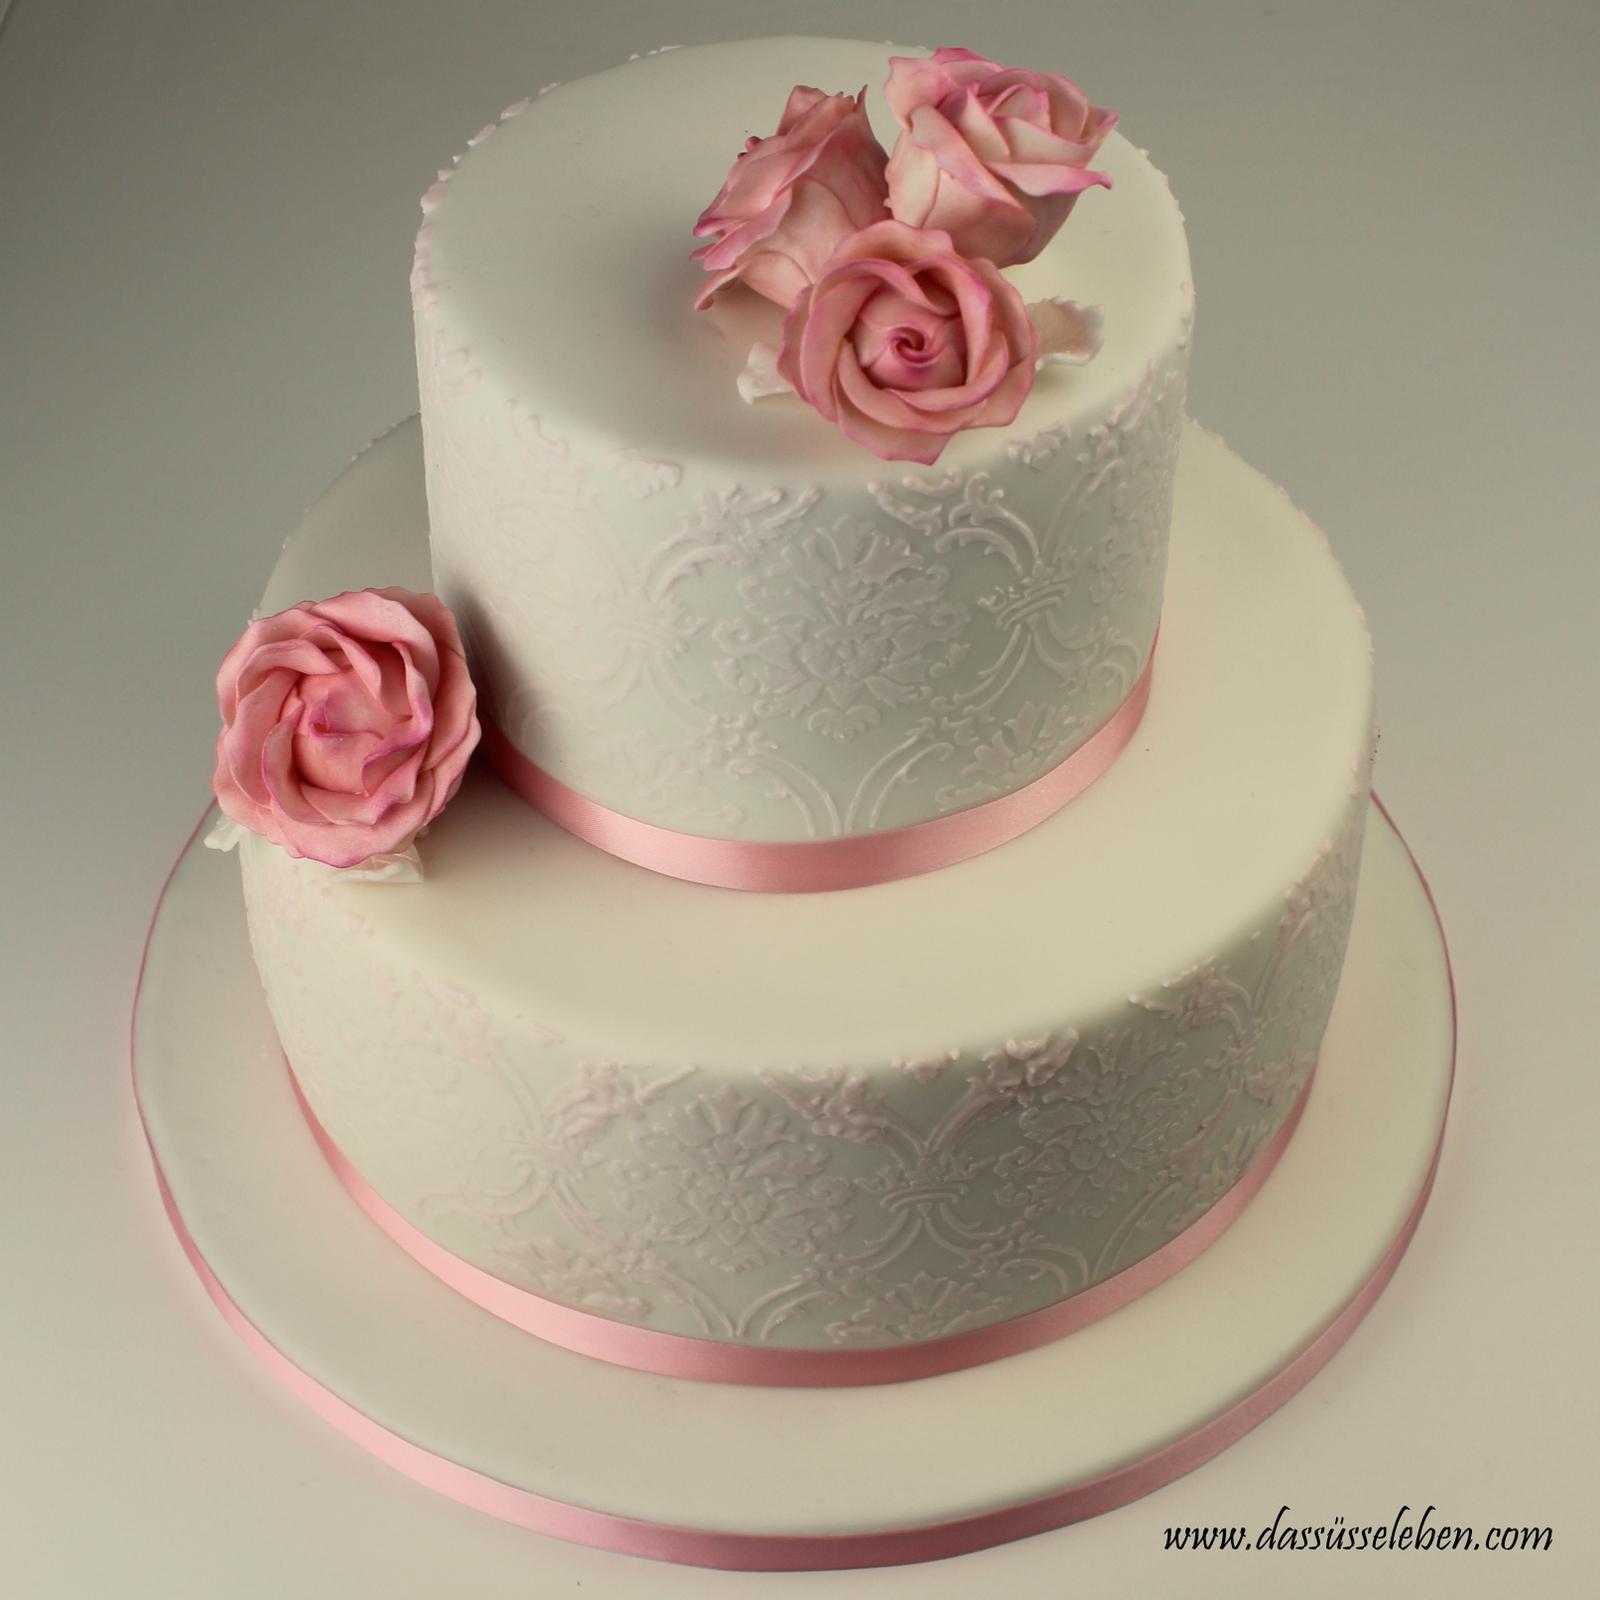 Rezept Rosafarbene Hochzeitstorte Mit Brokat Muster Und